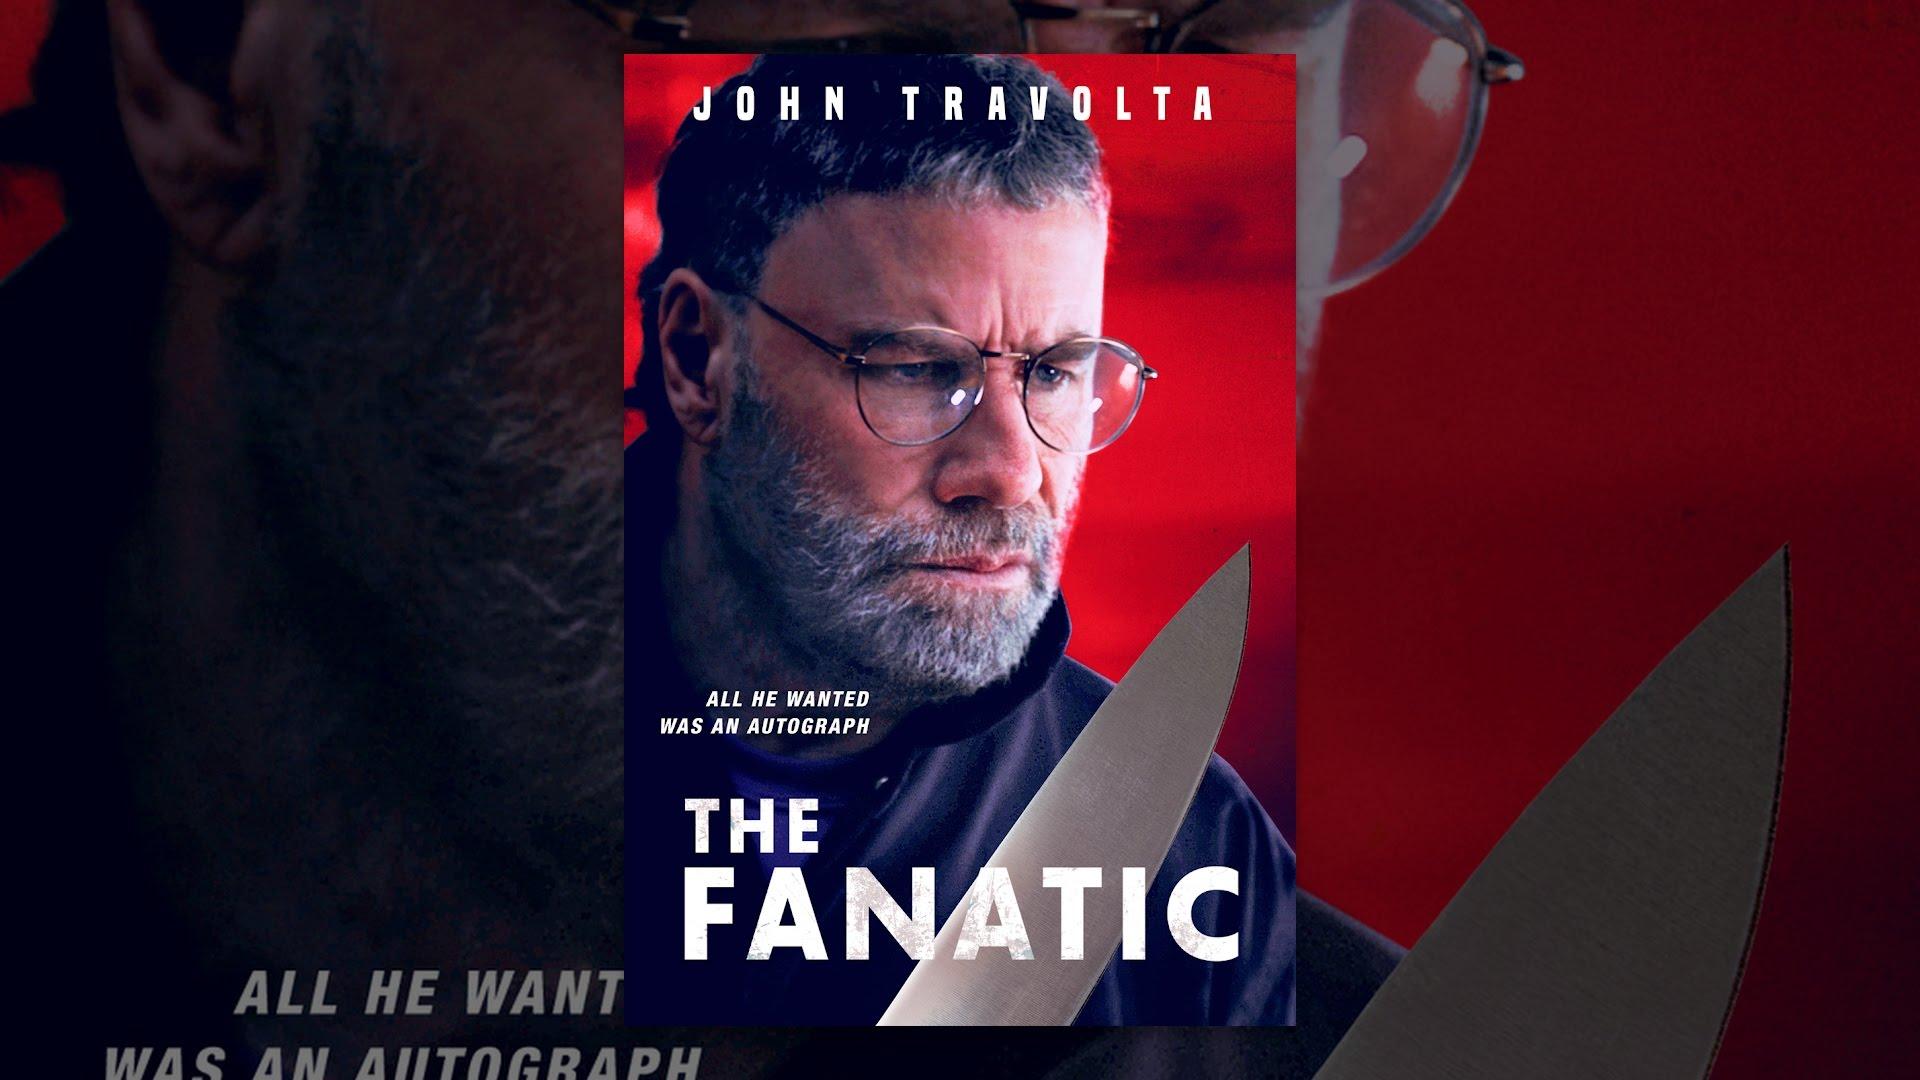 [VIDEO] - The Fanatic 1